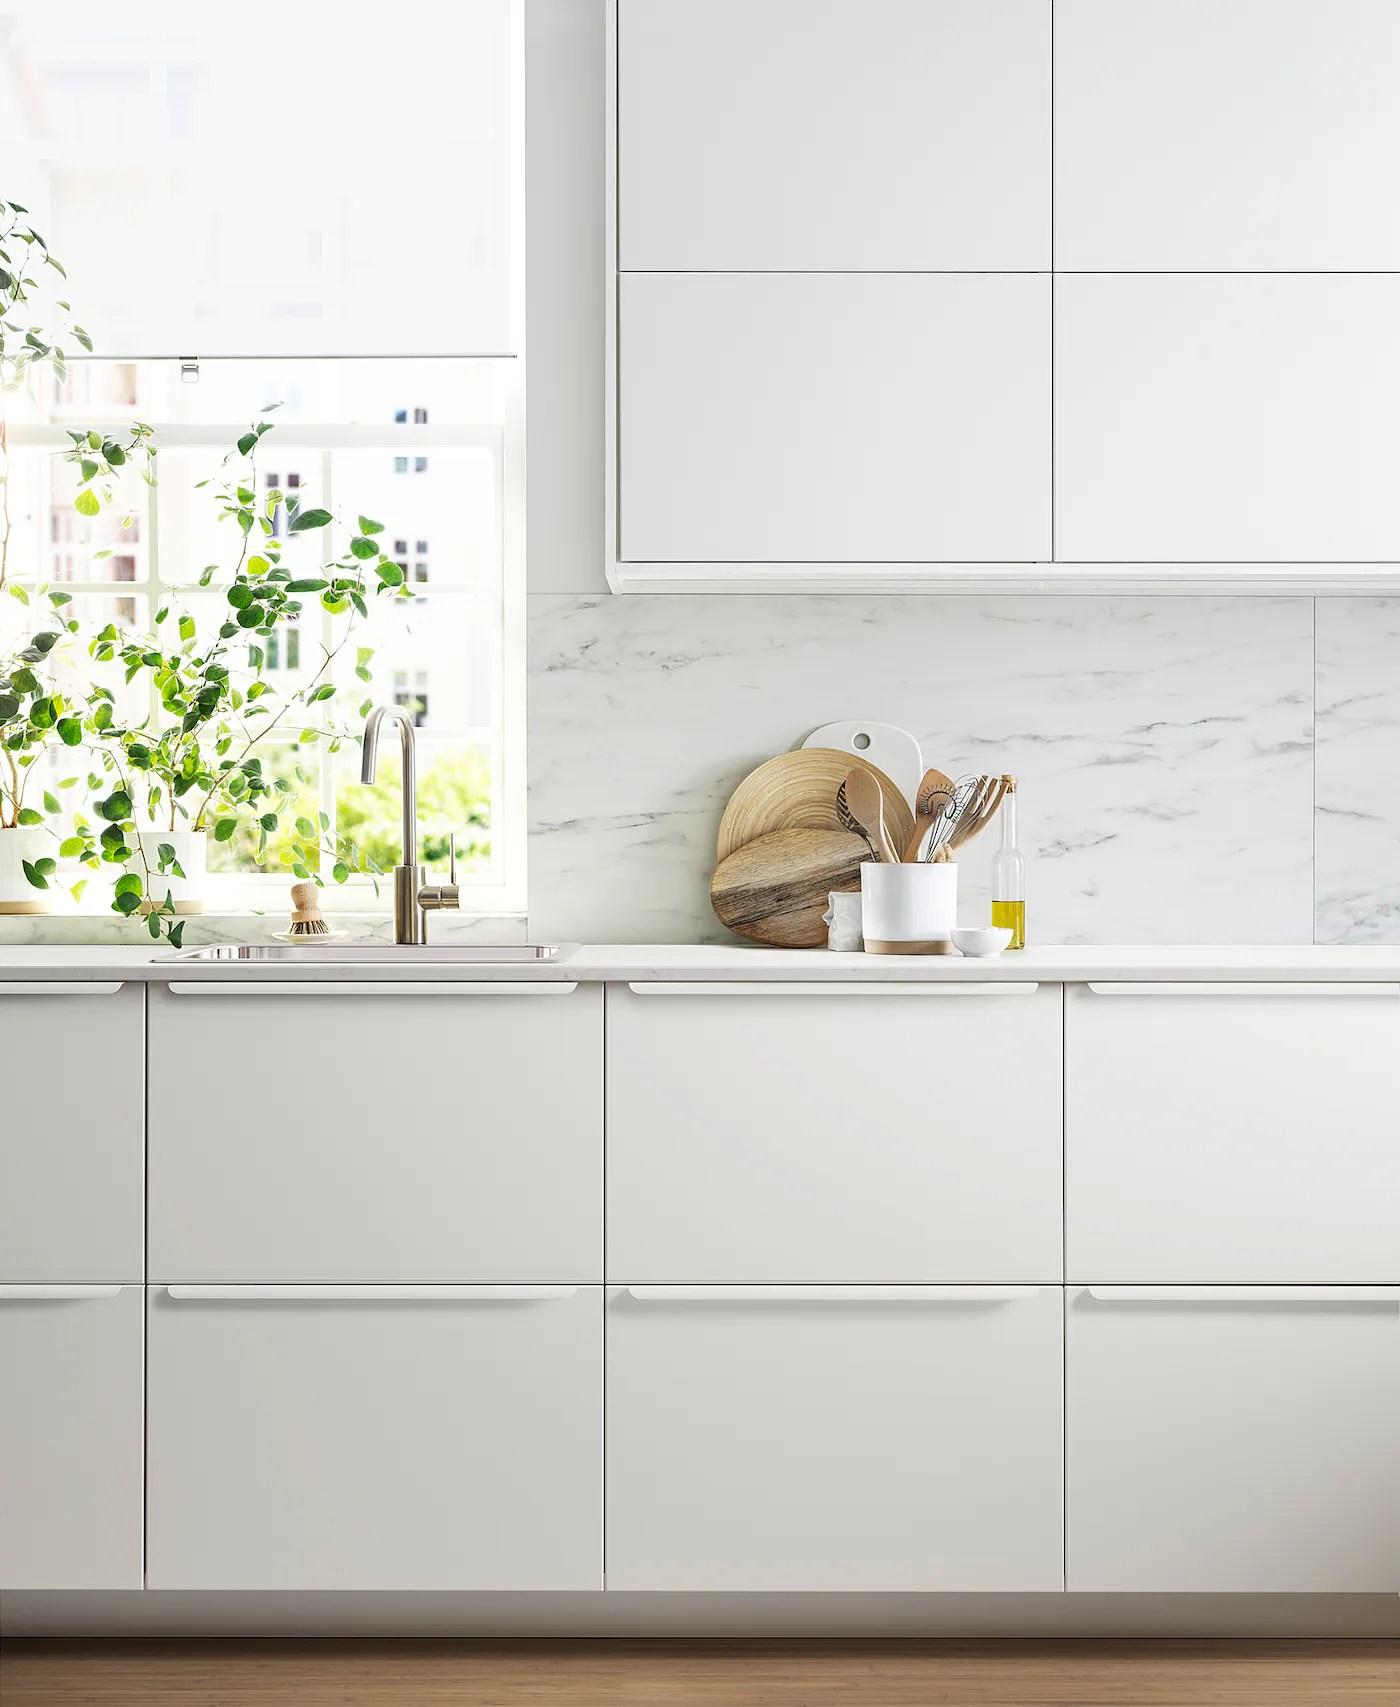 Mobili bianchi della cucina · prendere una bacinella e metterci un po' d'acqua, · aggiungere bicarbonato di sodio, · mescolare usando un cucchiaino fino a che il. Metod Mobile Base E Accessori Estraibili Bianco Veddinge Bianco 20x60 Cm Ikea It